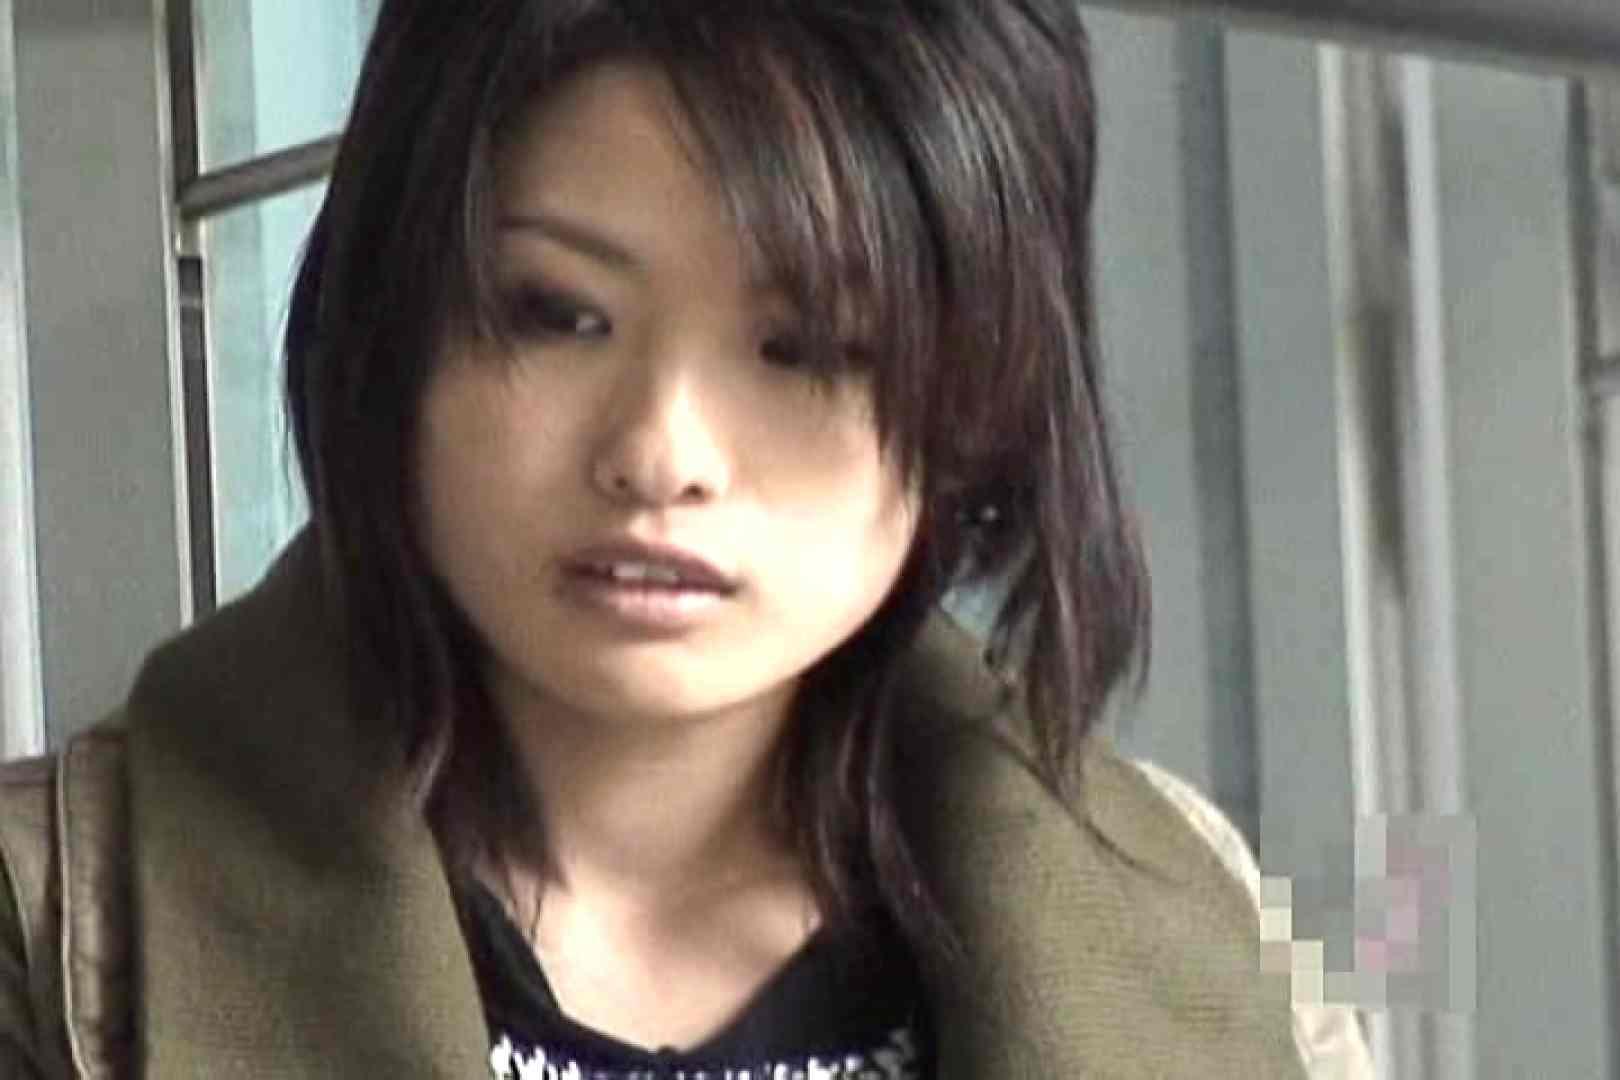 マンチラインパクトVol.2 チラ スケベ動画紹介 56画像 50